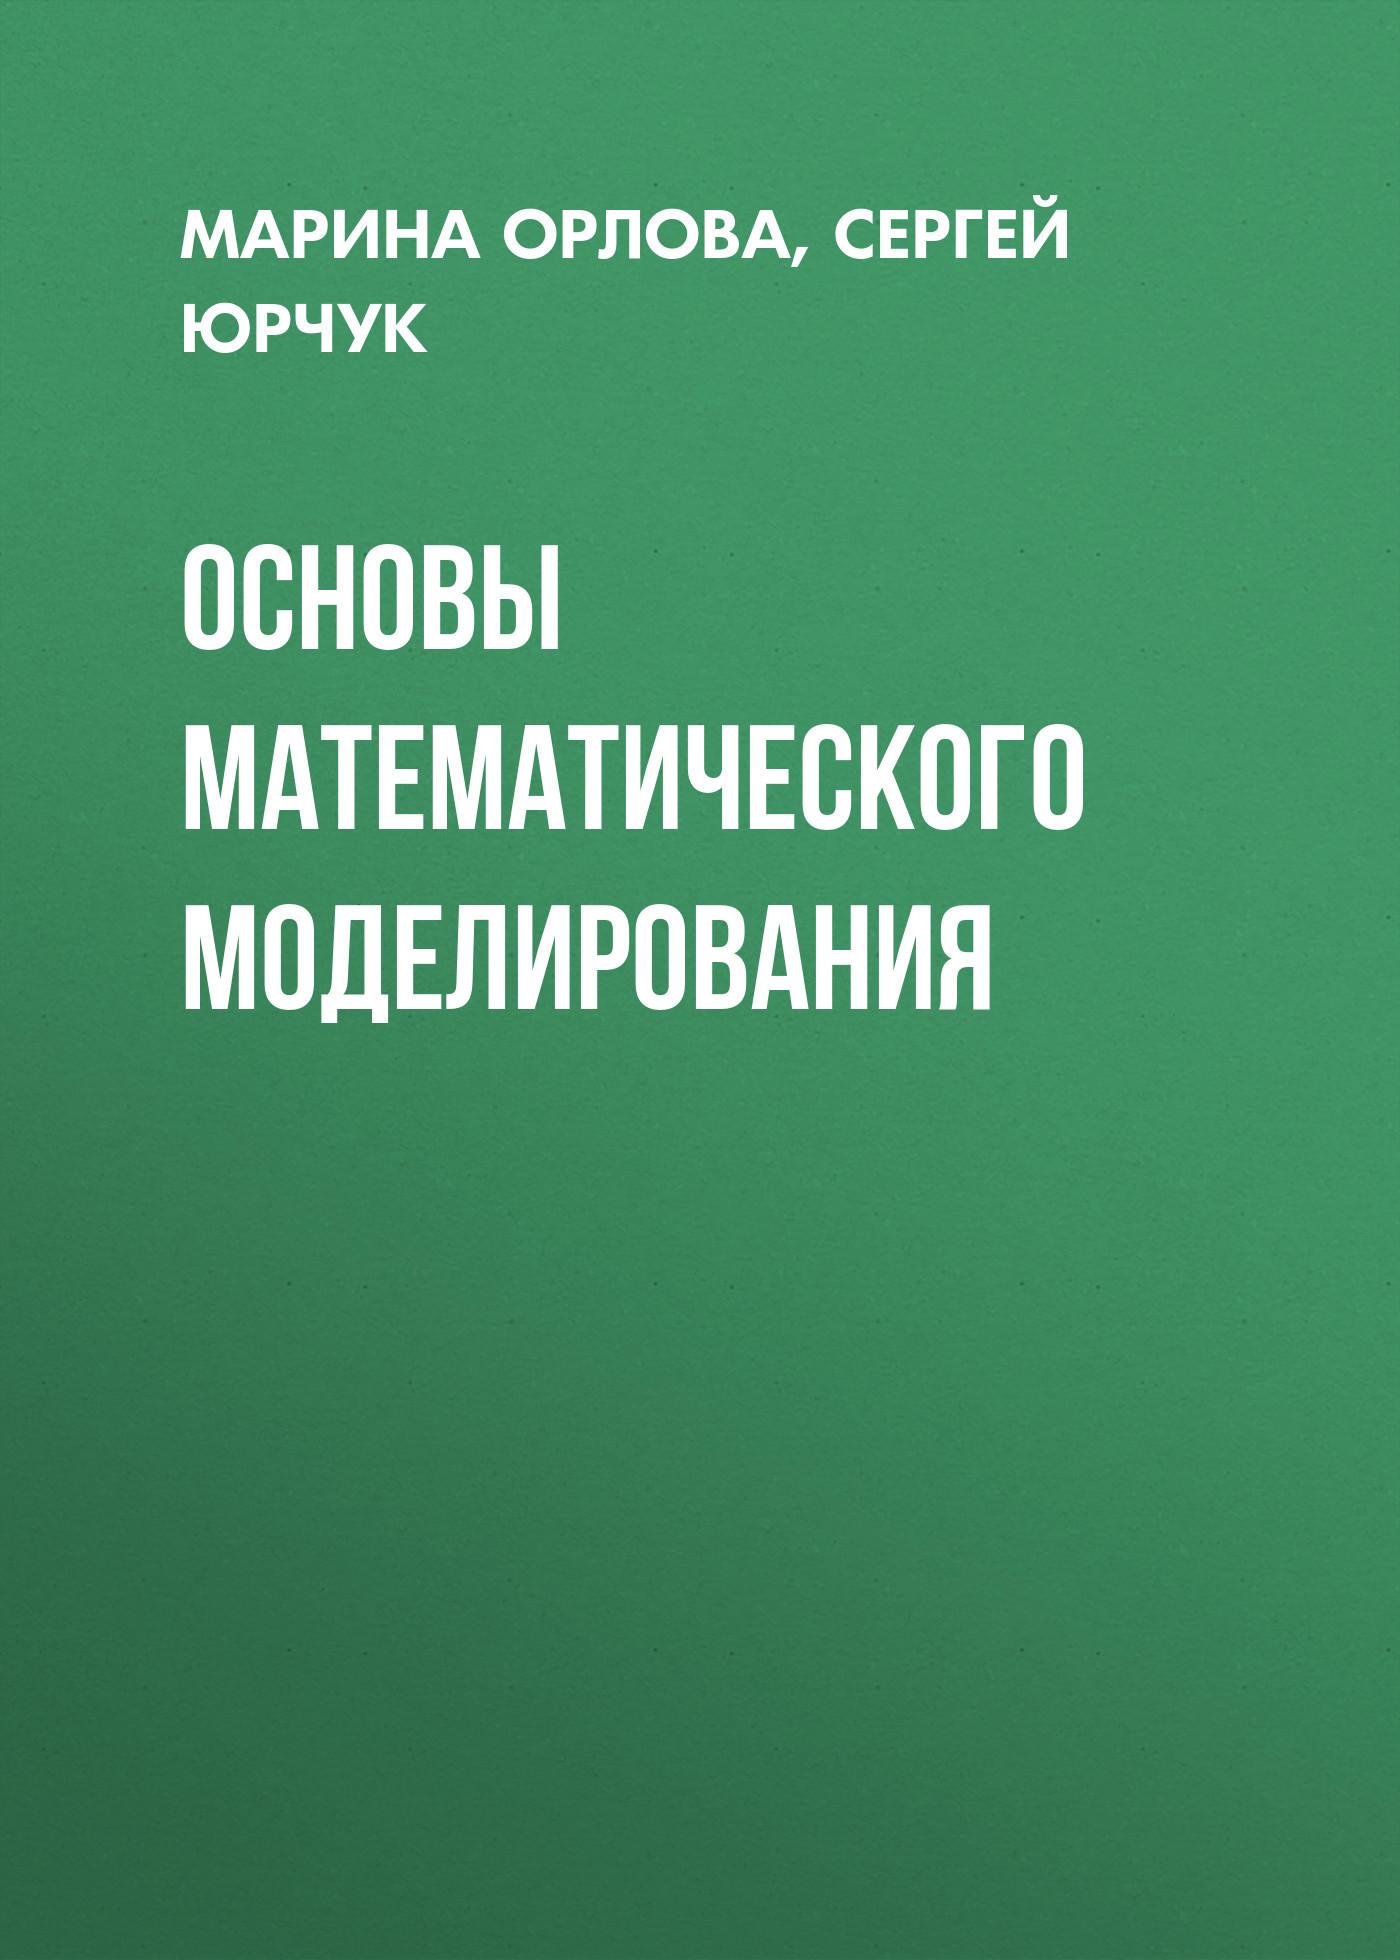 Сергей Юрчук Основы математического моделирования visual basic 2008 程序设计教程